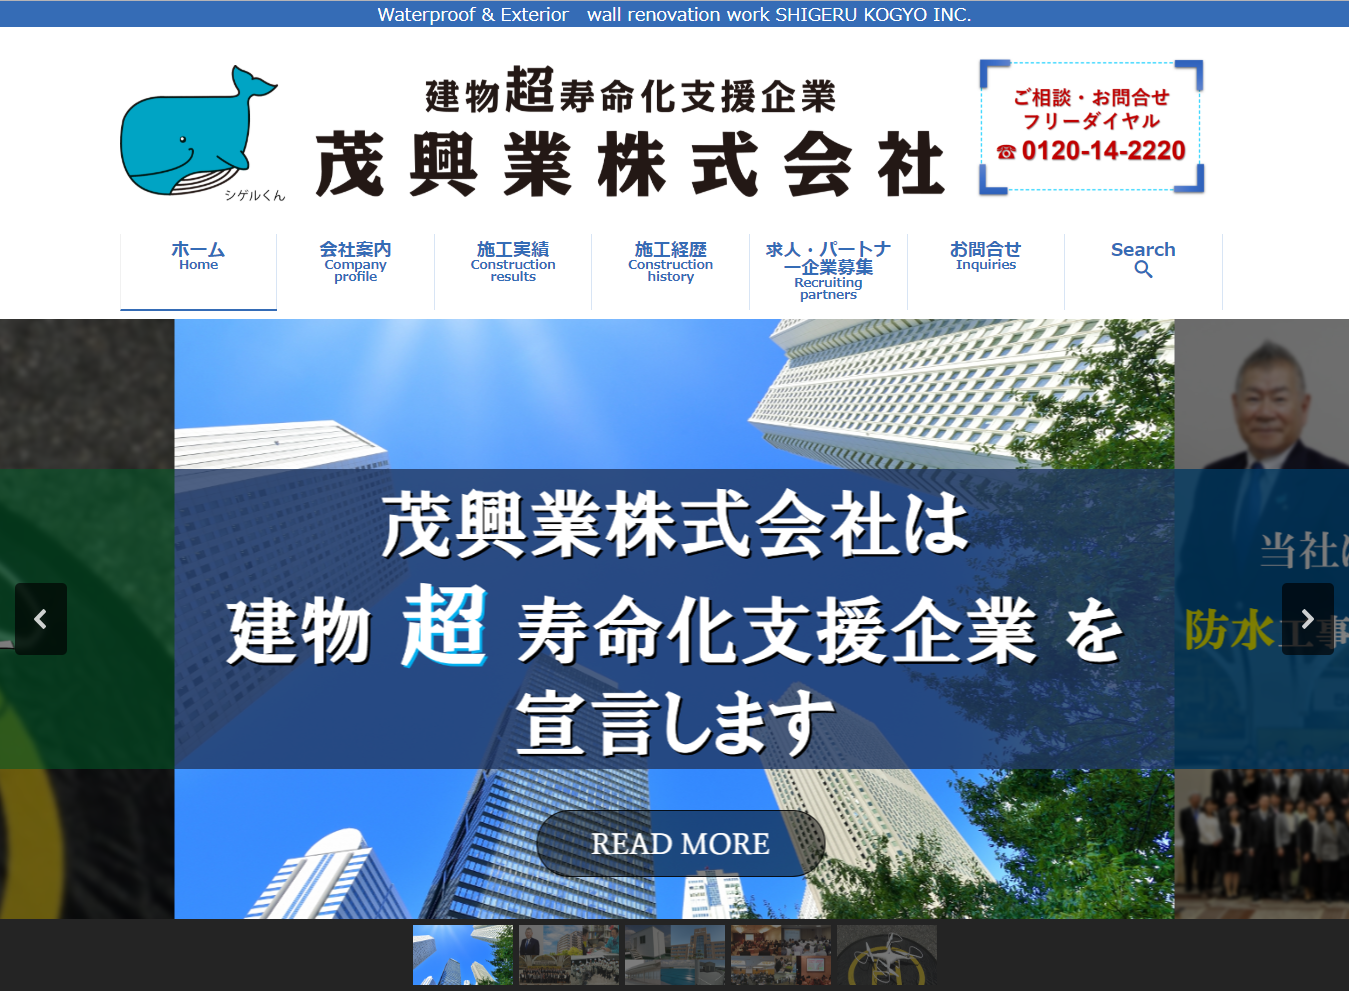 茂興業株式会社サイトイメージ